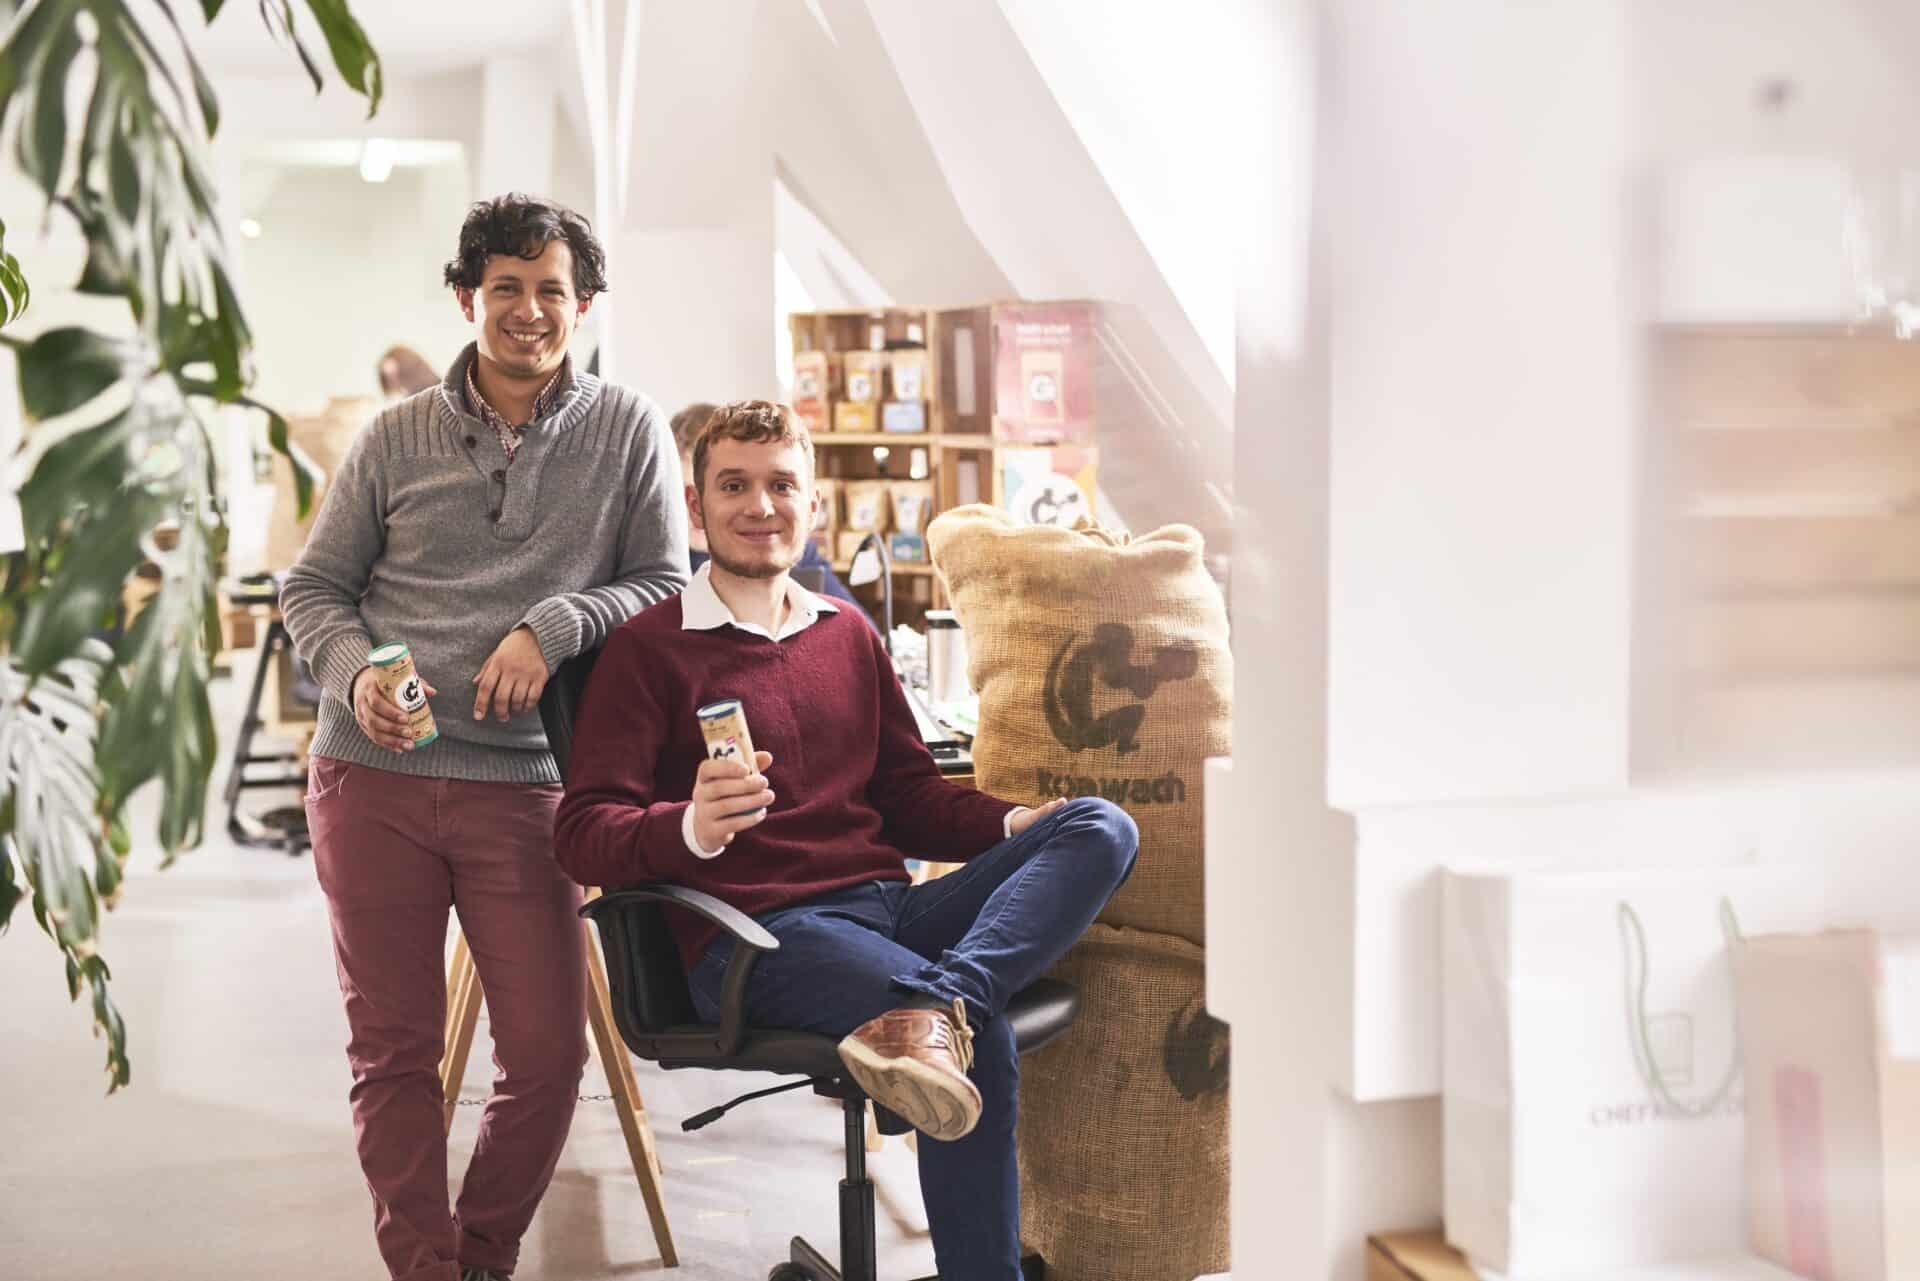 Koawach gehört zu den bekanntesten Produkten der Sendung.